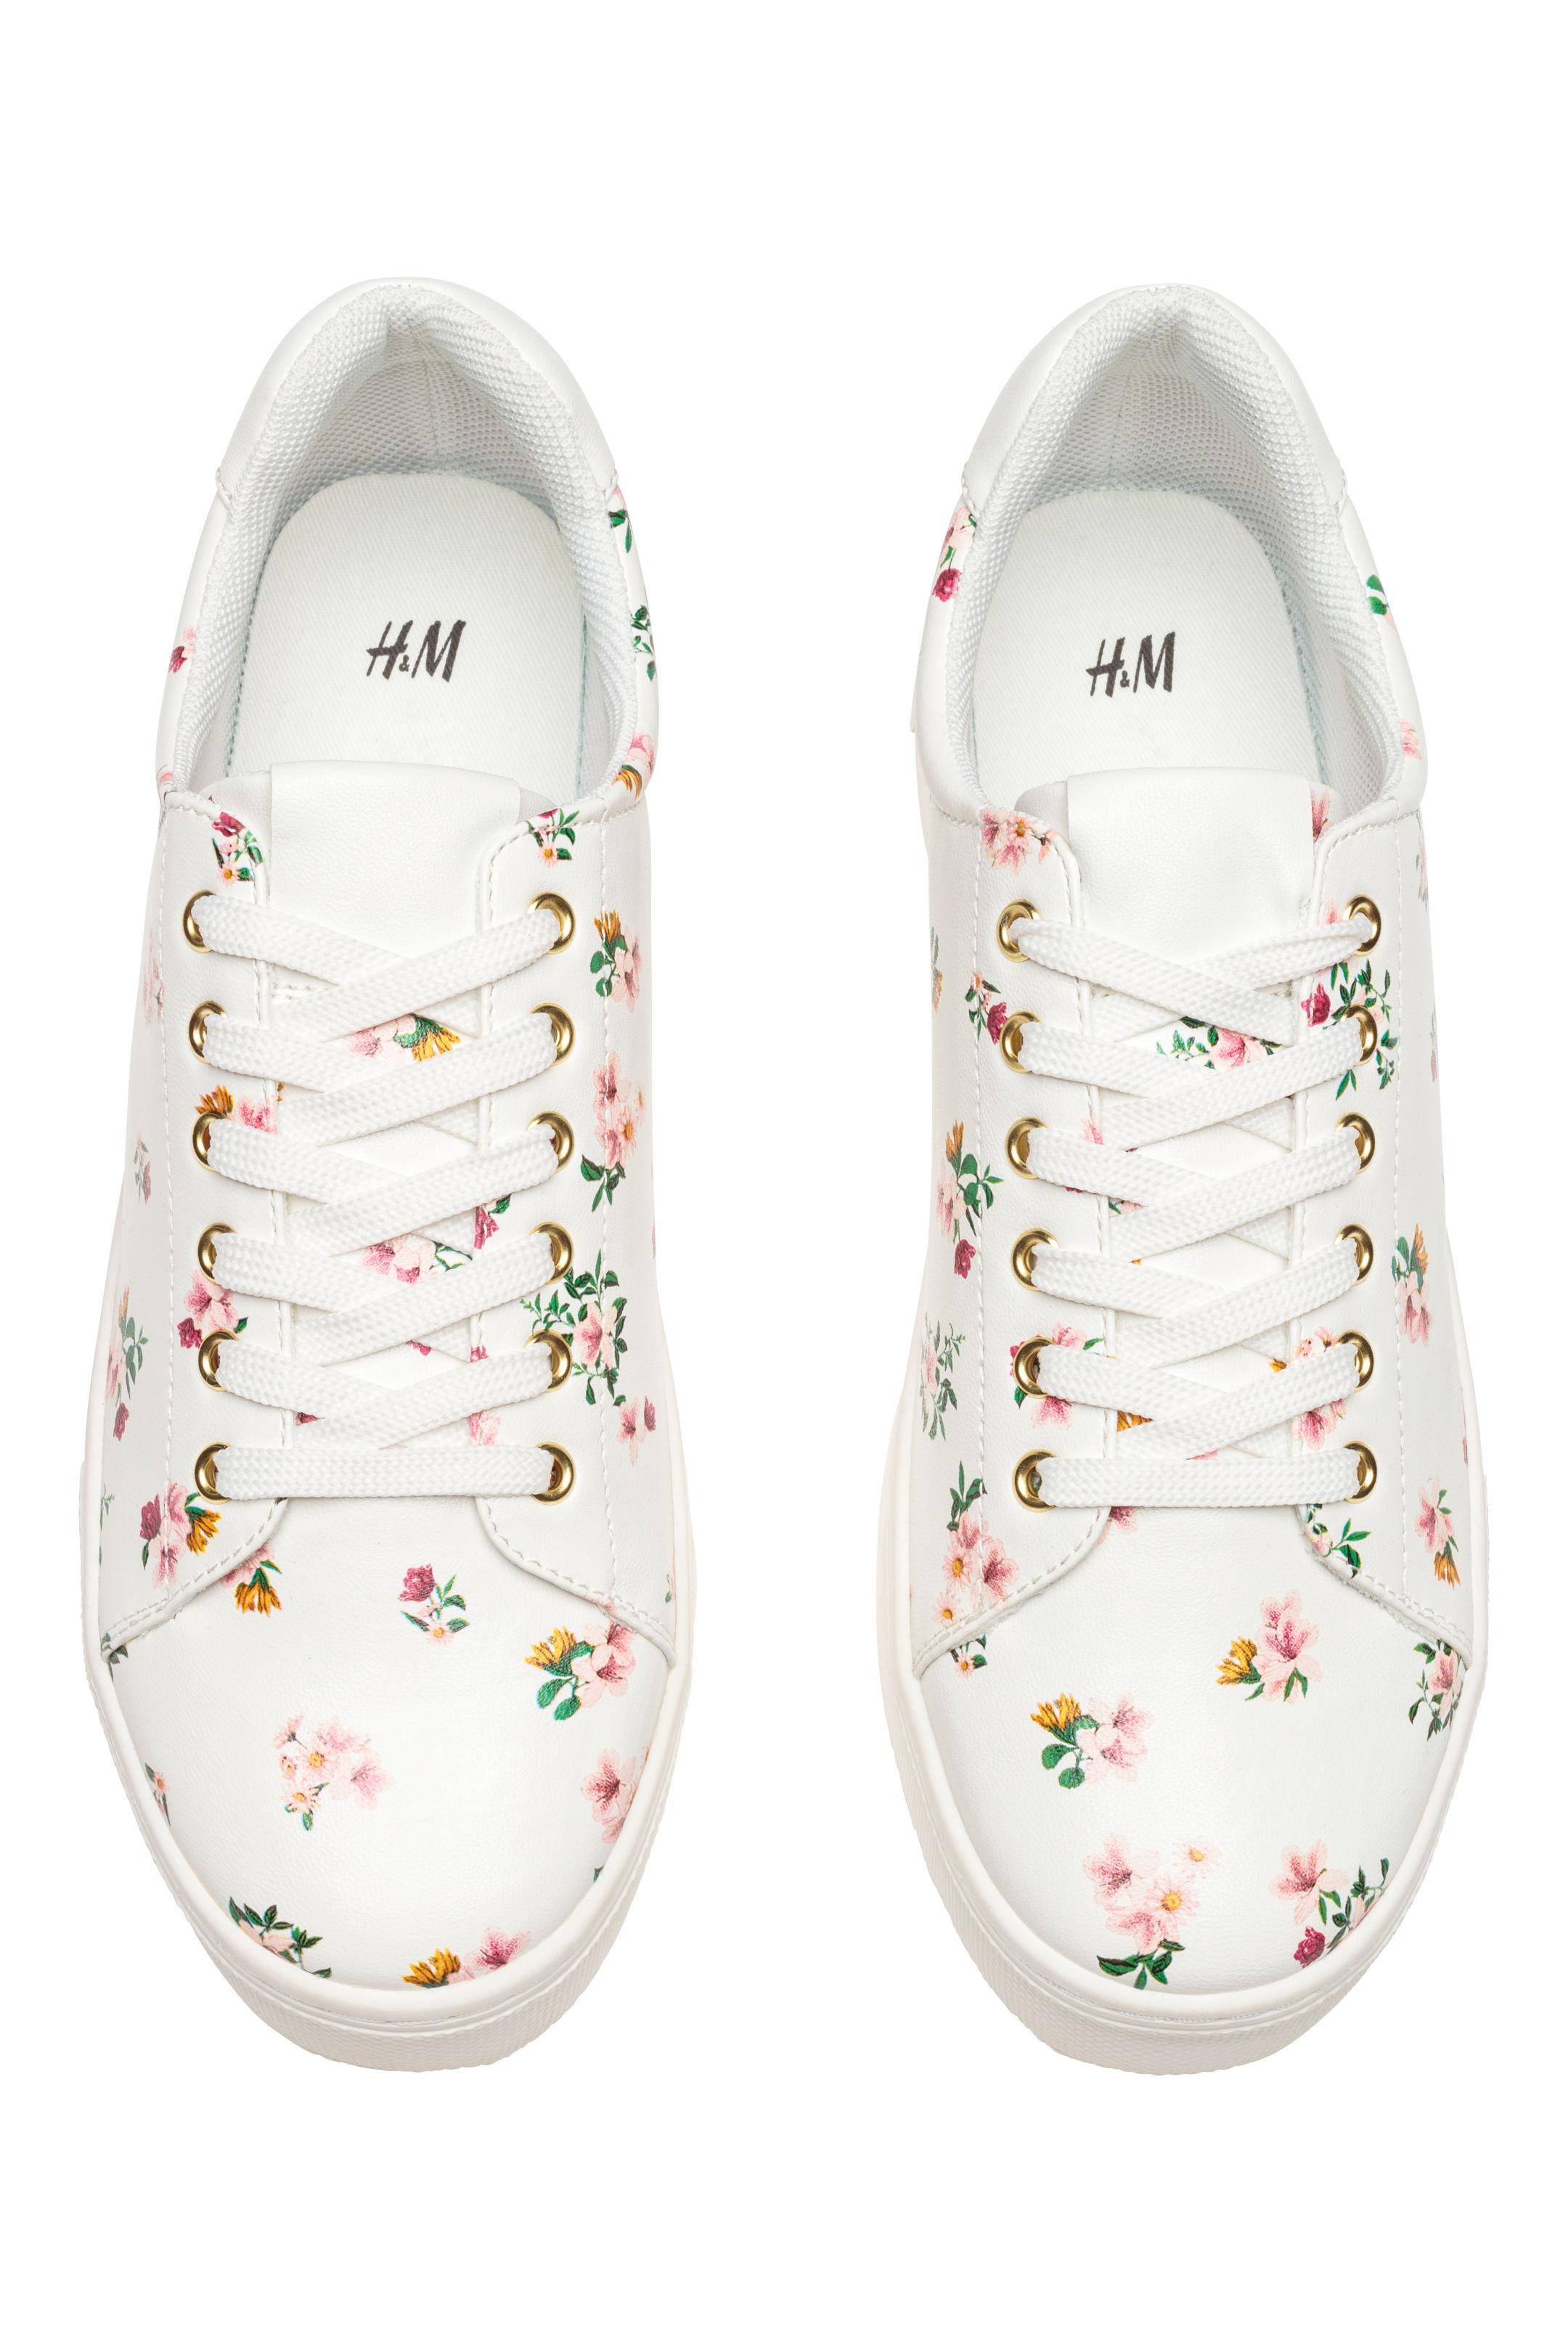 Sneakers a fiori H&M a 24,99 euro